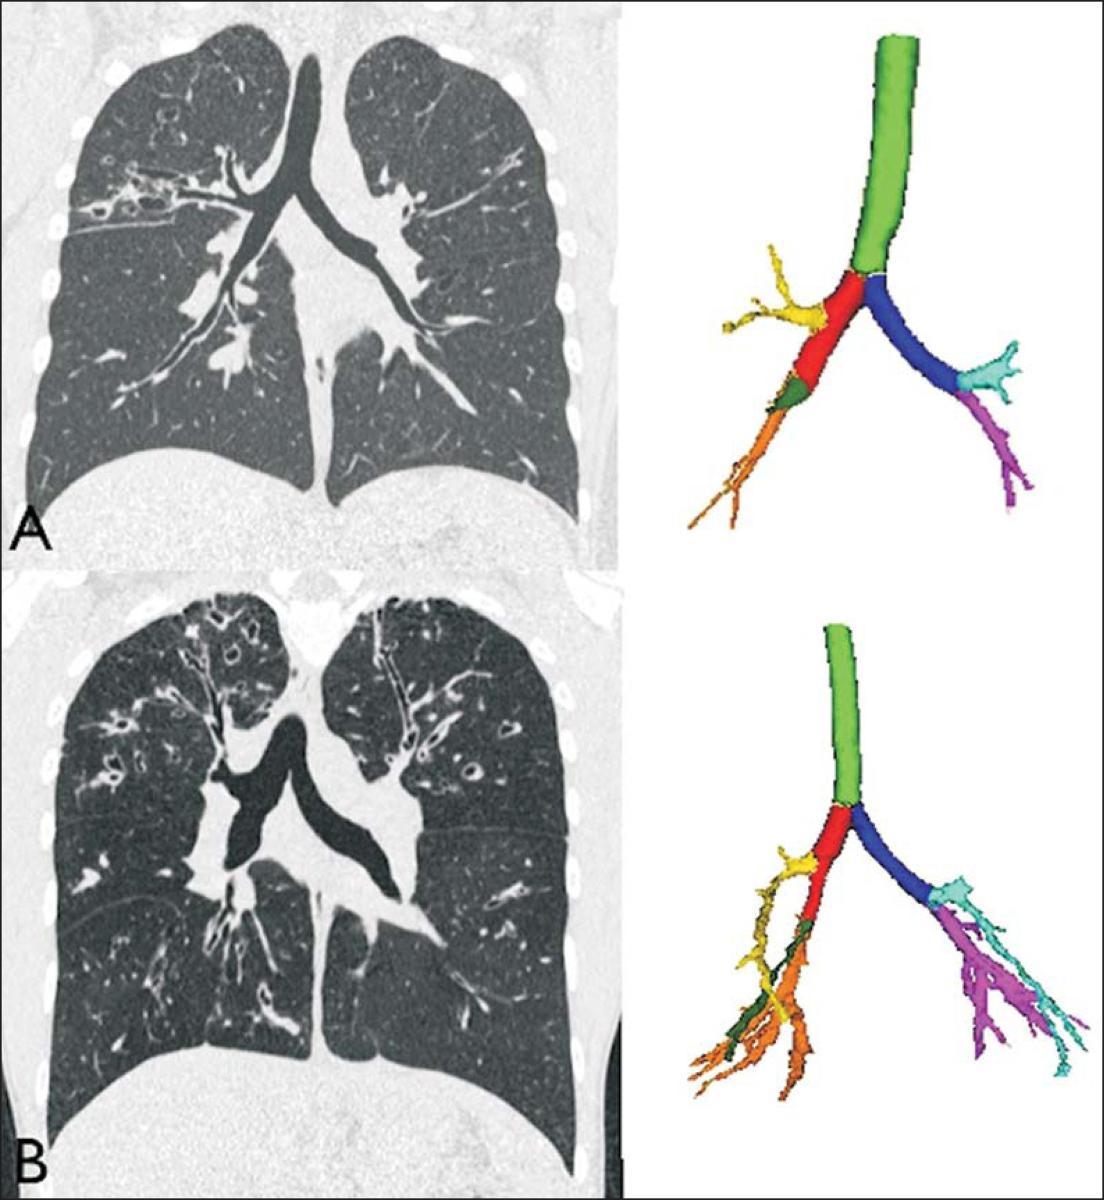 Análise quantitativa por tomografia computadorizada das vias aéreas, usando programa automático, em pacientes com fibrose cística: avaliação da gravidade em correlação com a espirometria